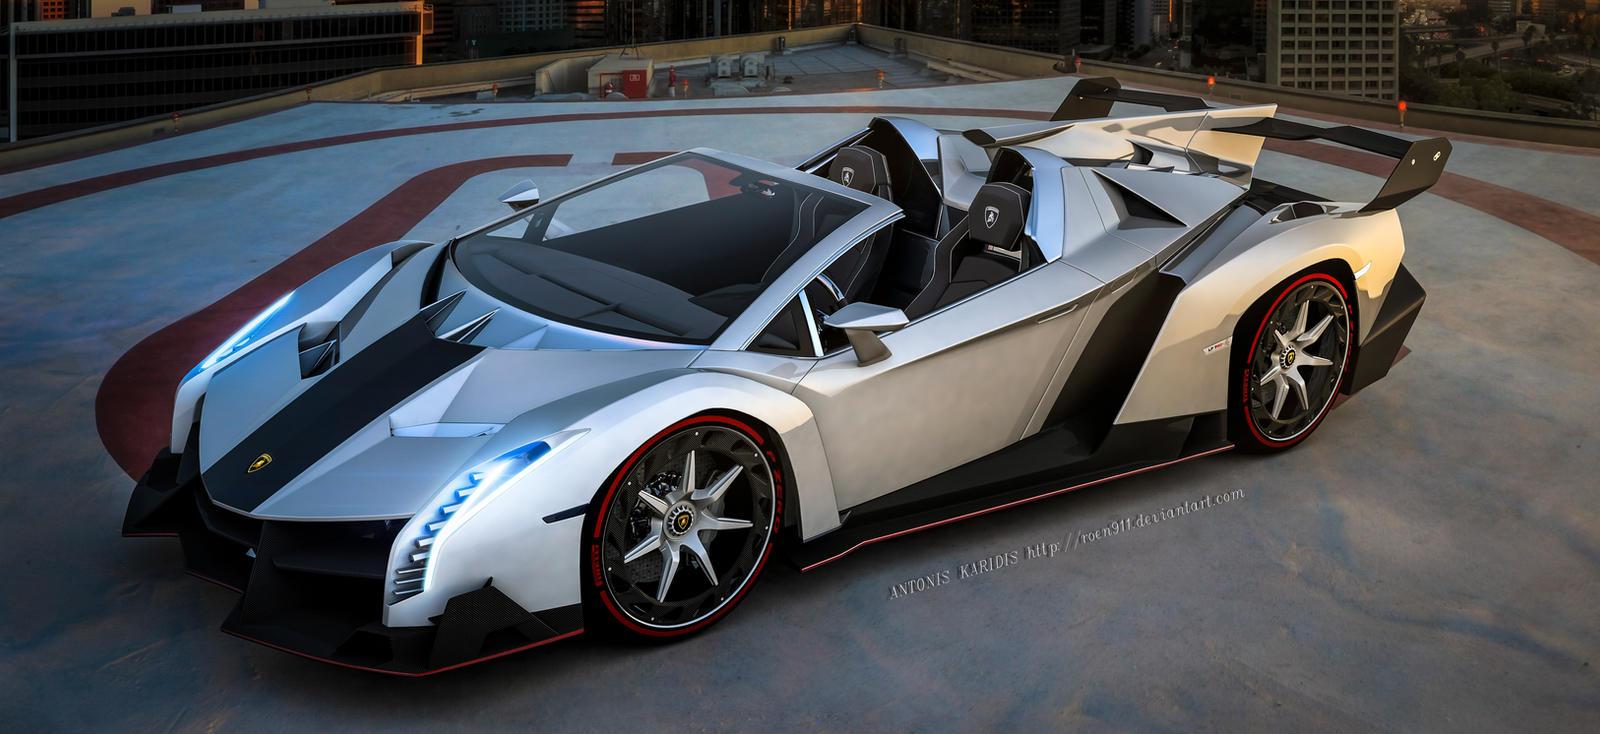 Image Result For Wallpaper Lamborghini Veneno